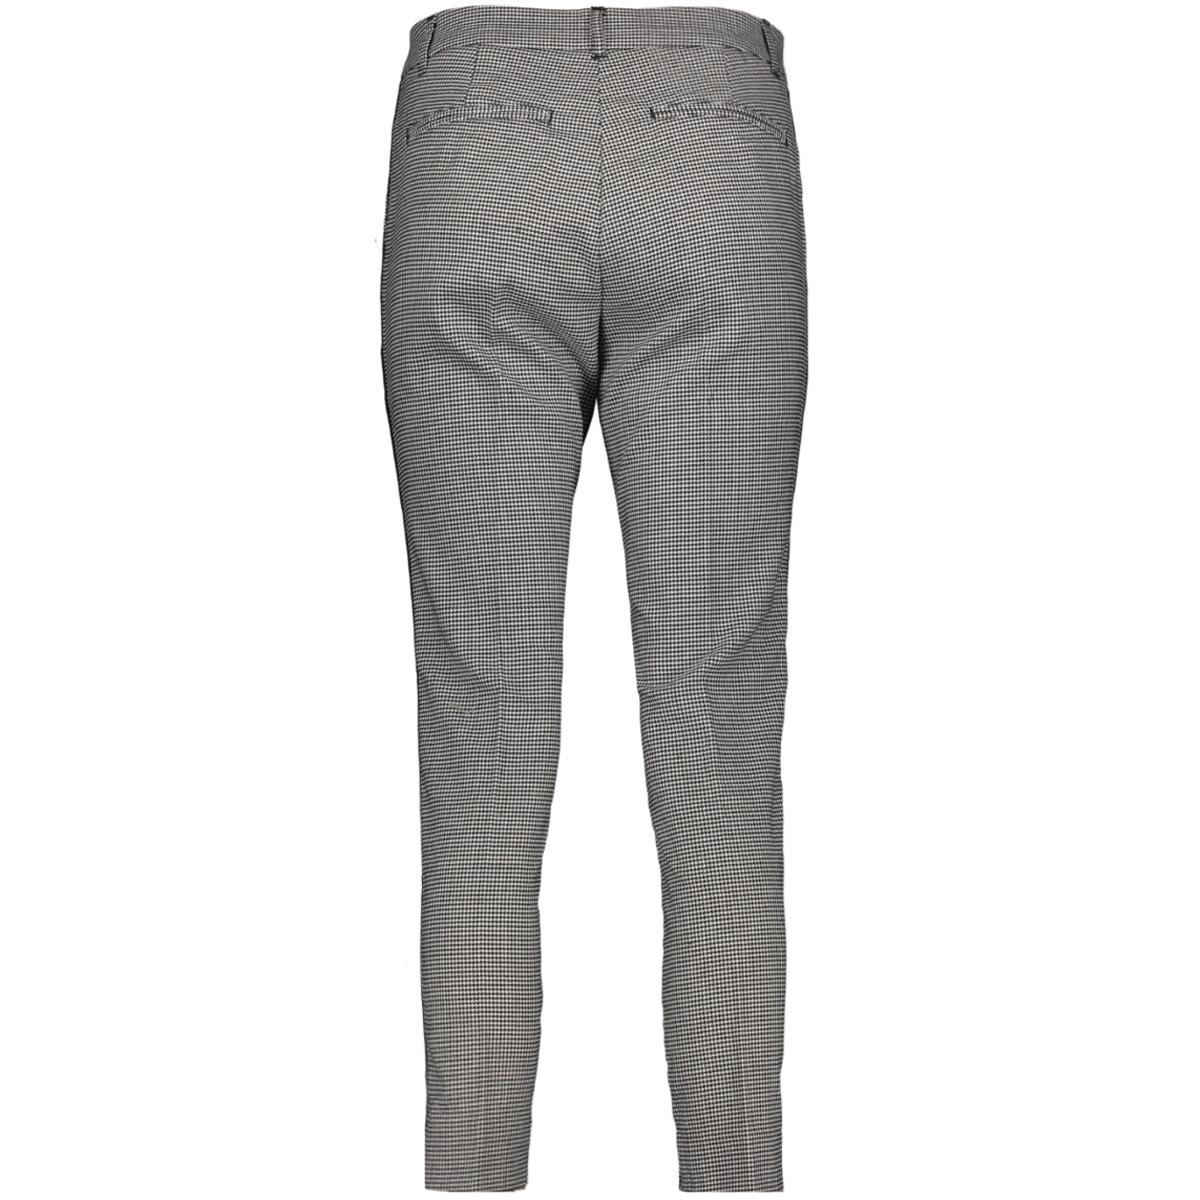 broek met pied de poule motief 1013744xx70 tom tailor broek 19131